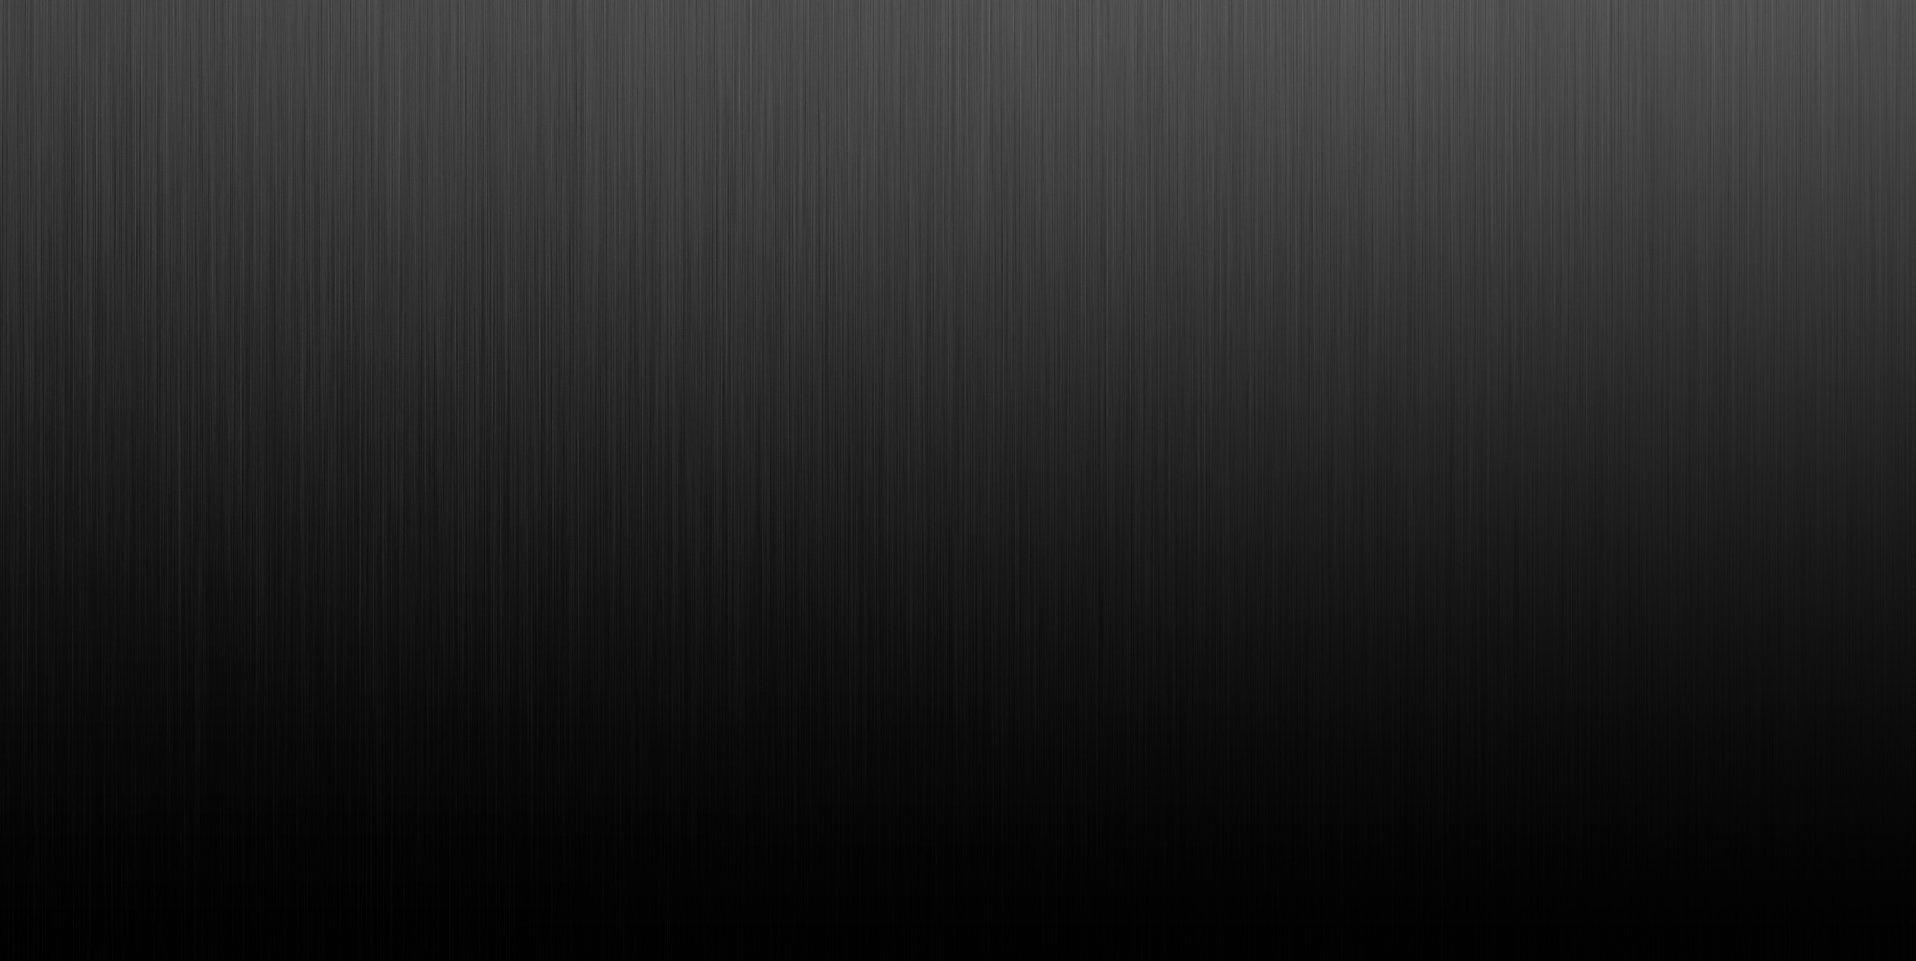 titanium-texture-gradient.jpg